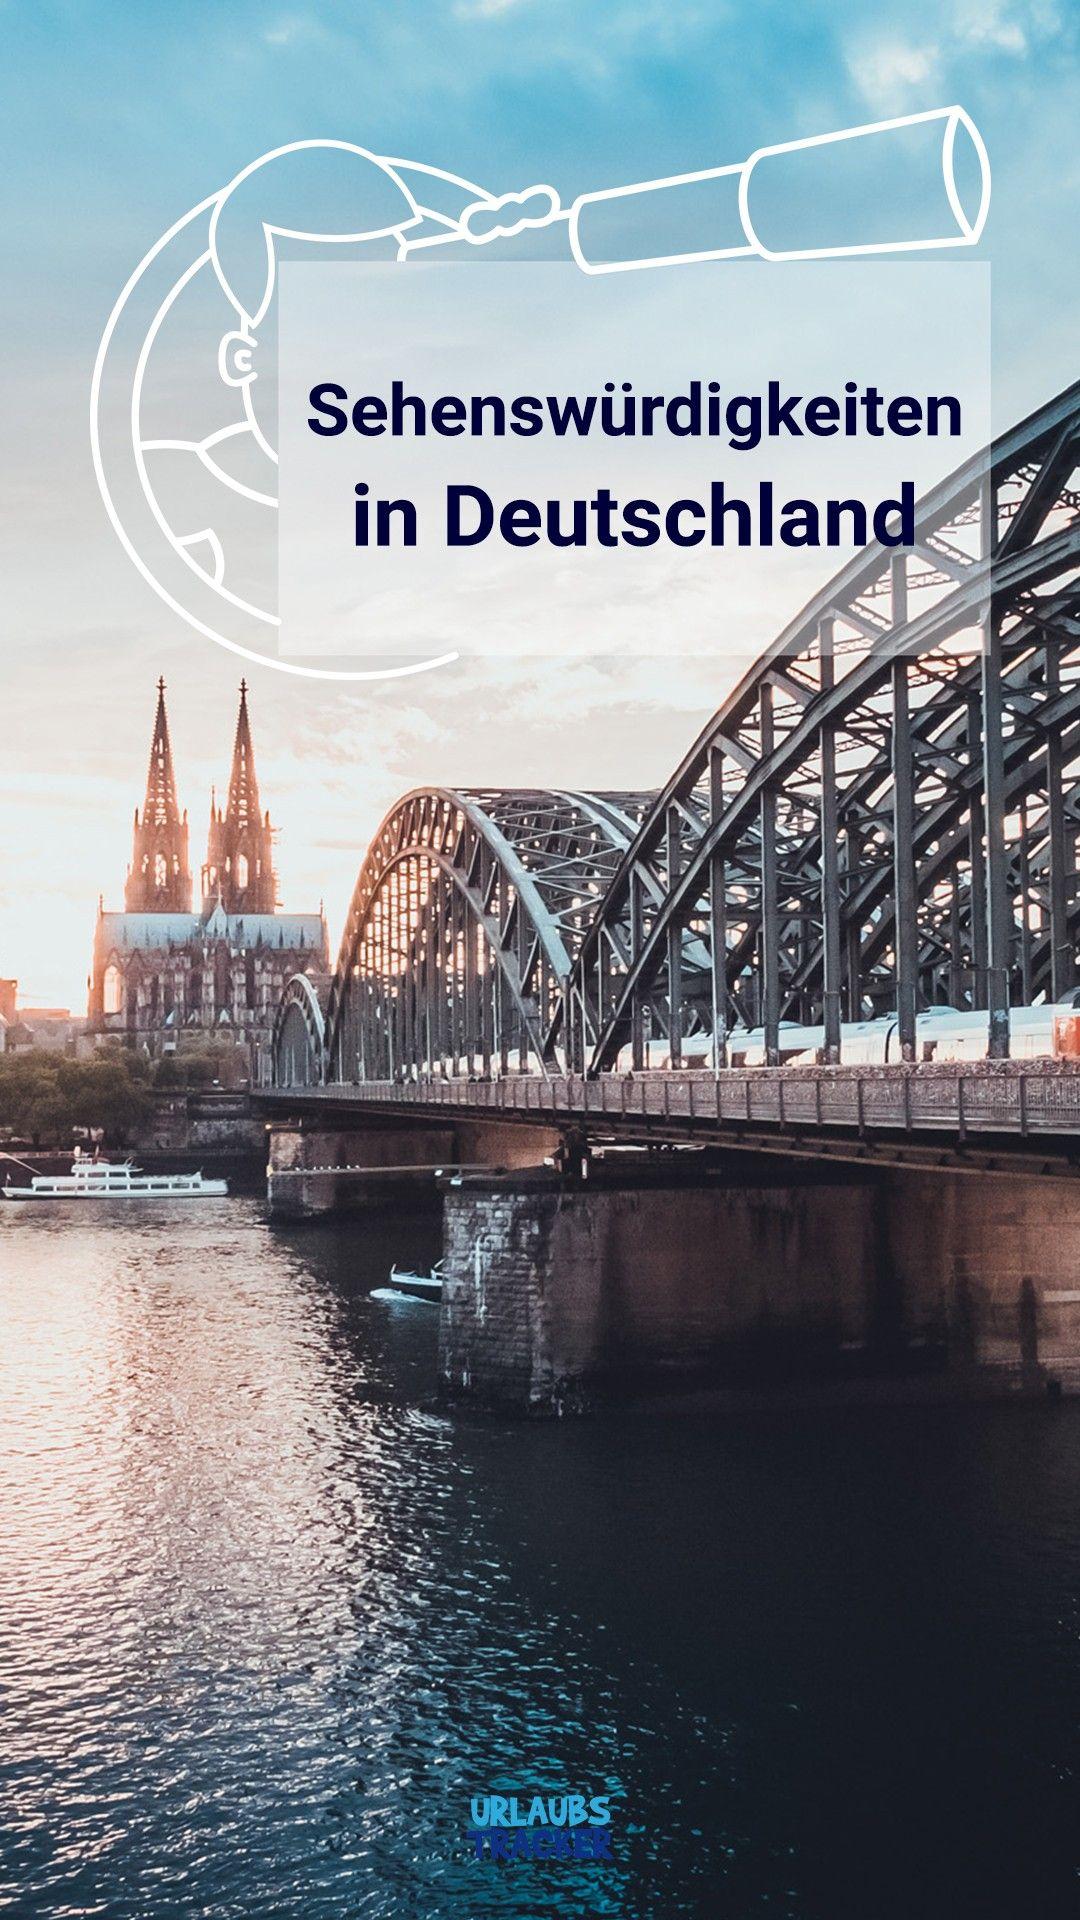 Die 12 Schonsten Sehenswurdigkeiten In Deutschland Urlaub In Deutschland Sehenswurdigkeiten Deutschland Urlaub In Europa